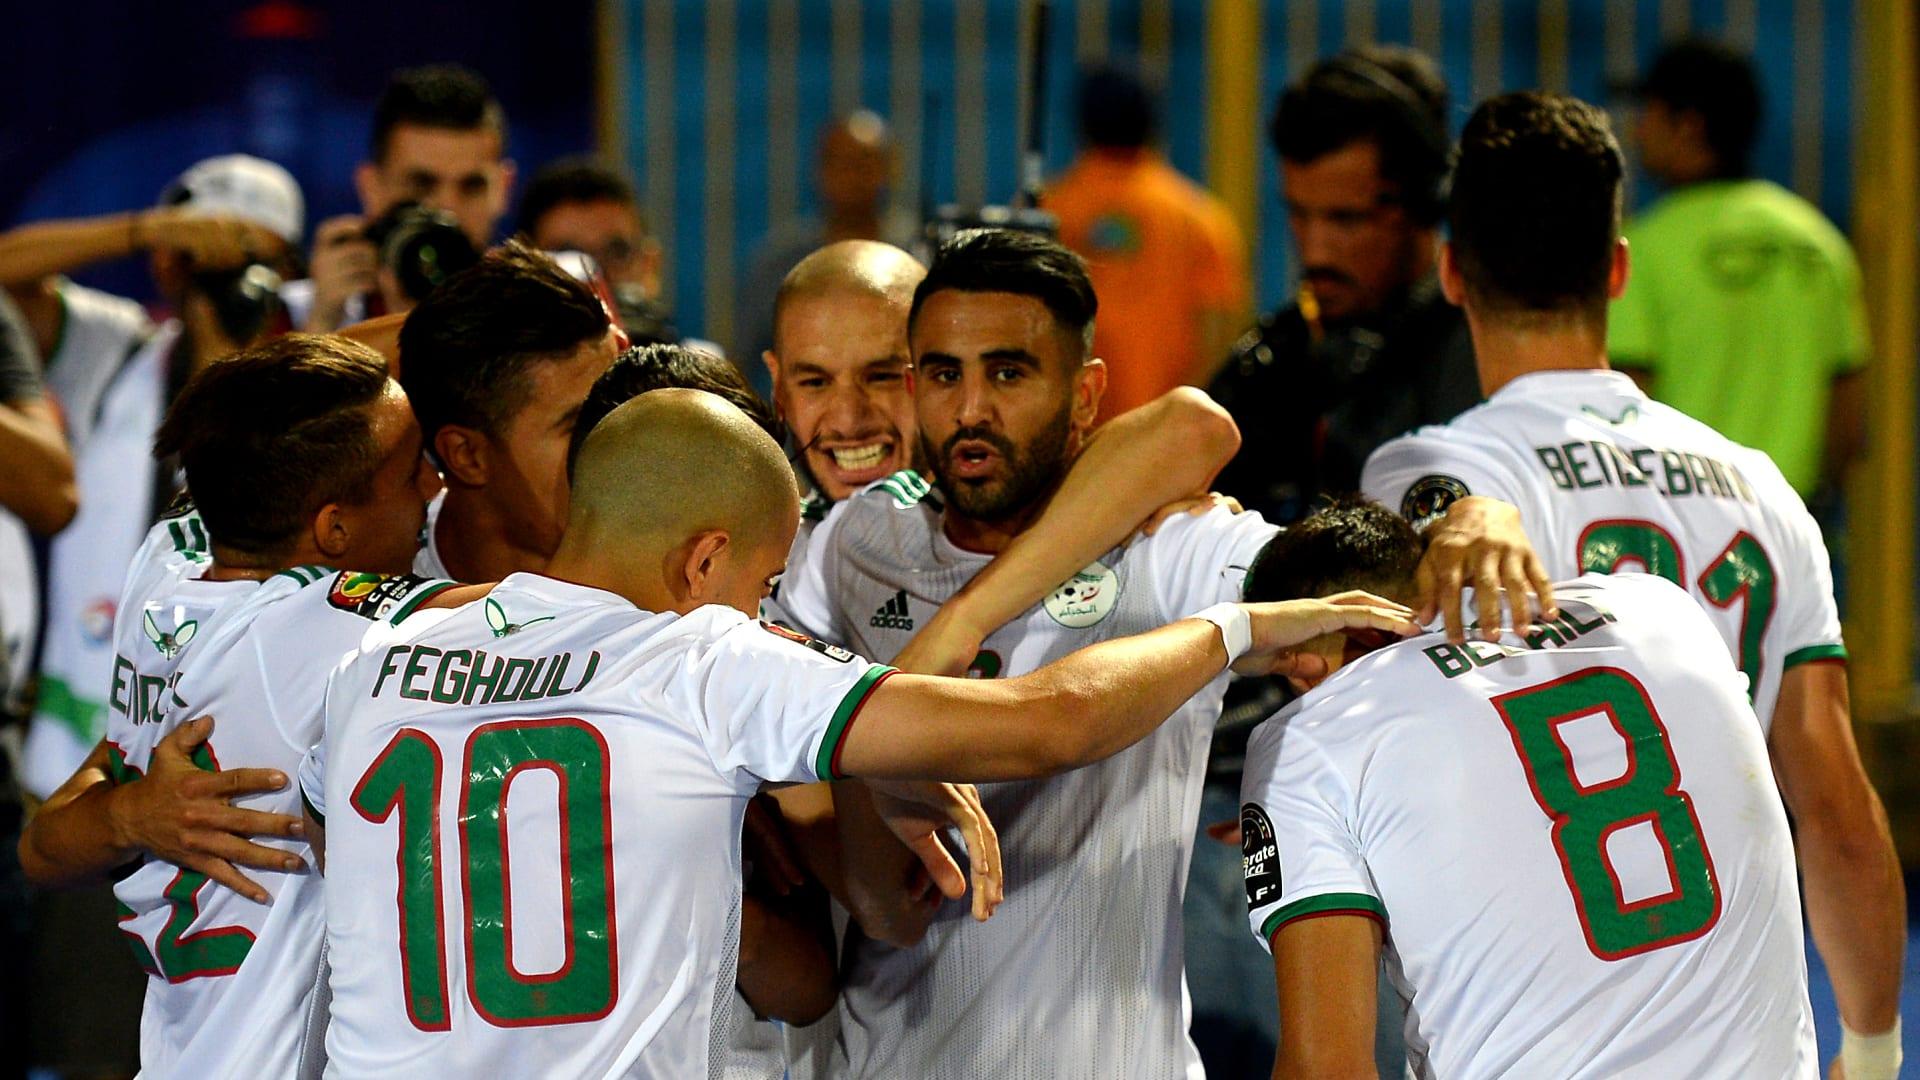 الجزائر تواصل التألق وتحجز أول مقعد للعرب في ربع نهائي كأس أفريقيا